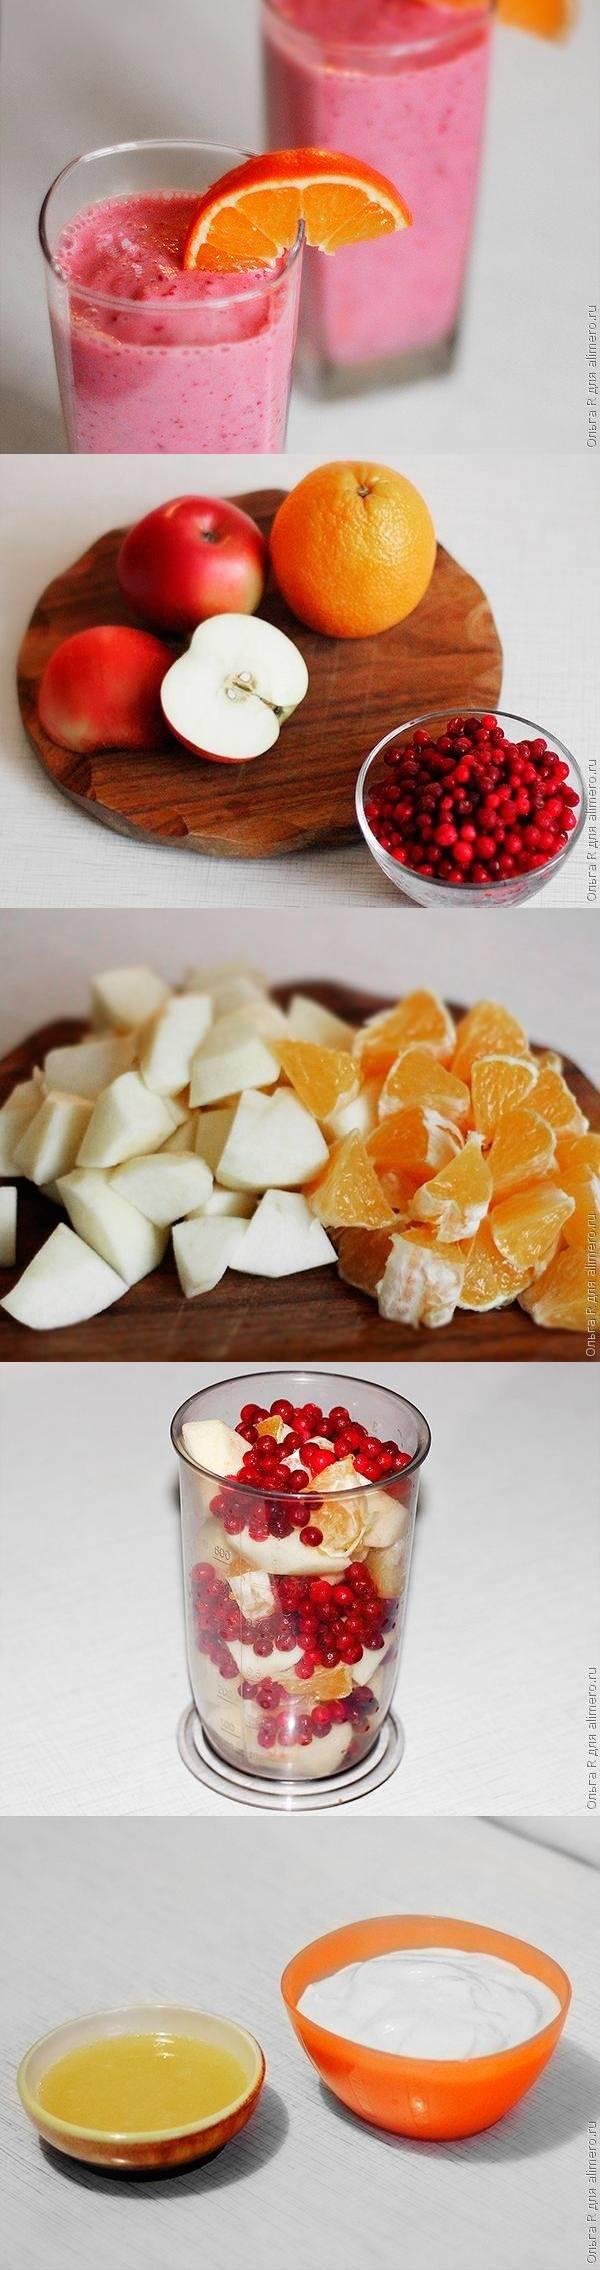 Смузи из брусники с яблоком и апельсином